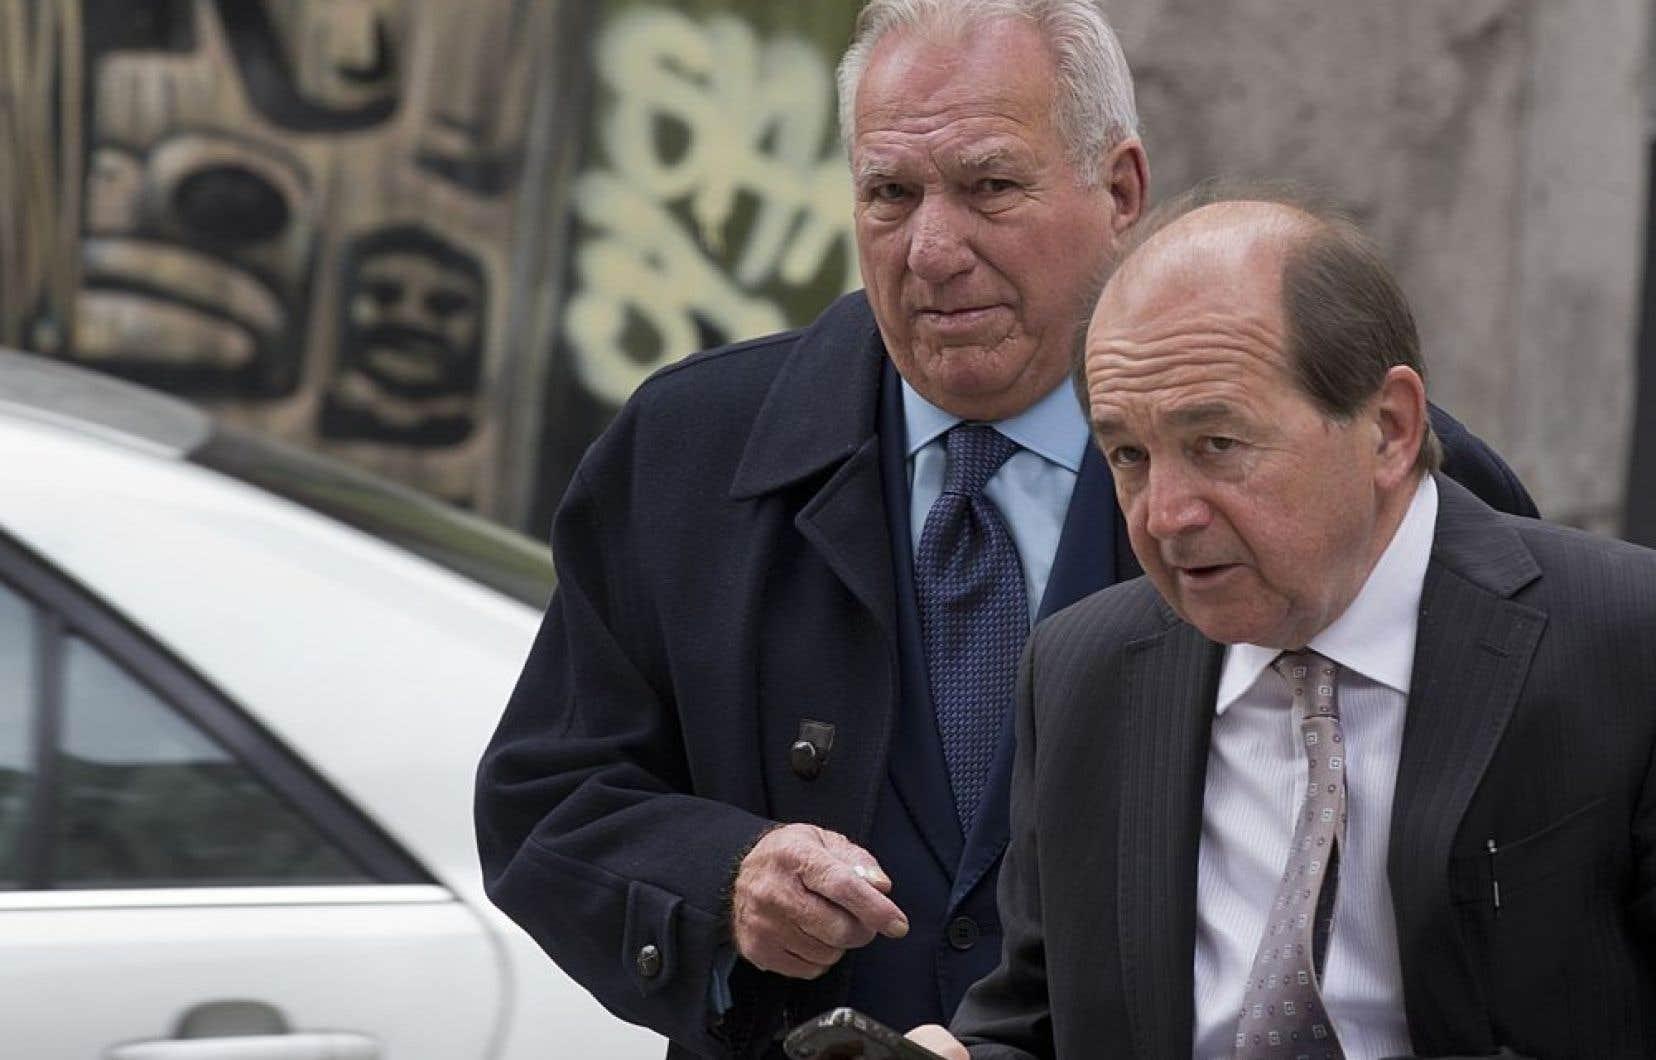 Bernard Trépanier (à gauche) a lui-même reconnu qu'il avait tenté de répartir les contrats entre les firmes de génie-conseil qui contribuaient au financement d'Union Montréal, avant d'être écarté par Michel Lalonde et Rosaire Sauriol, l'ex-vice-président de Dessau, en raison de sa maladresse.